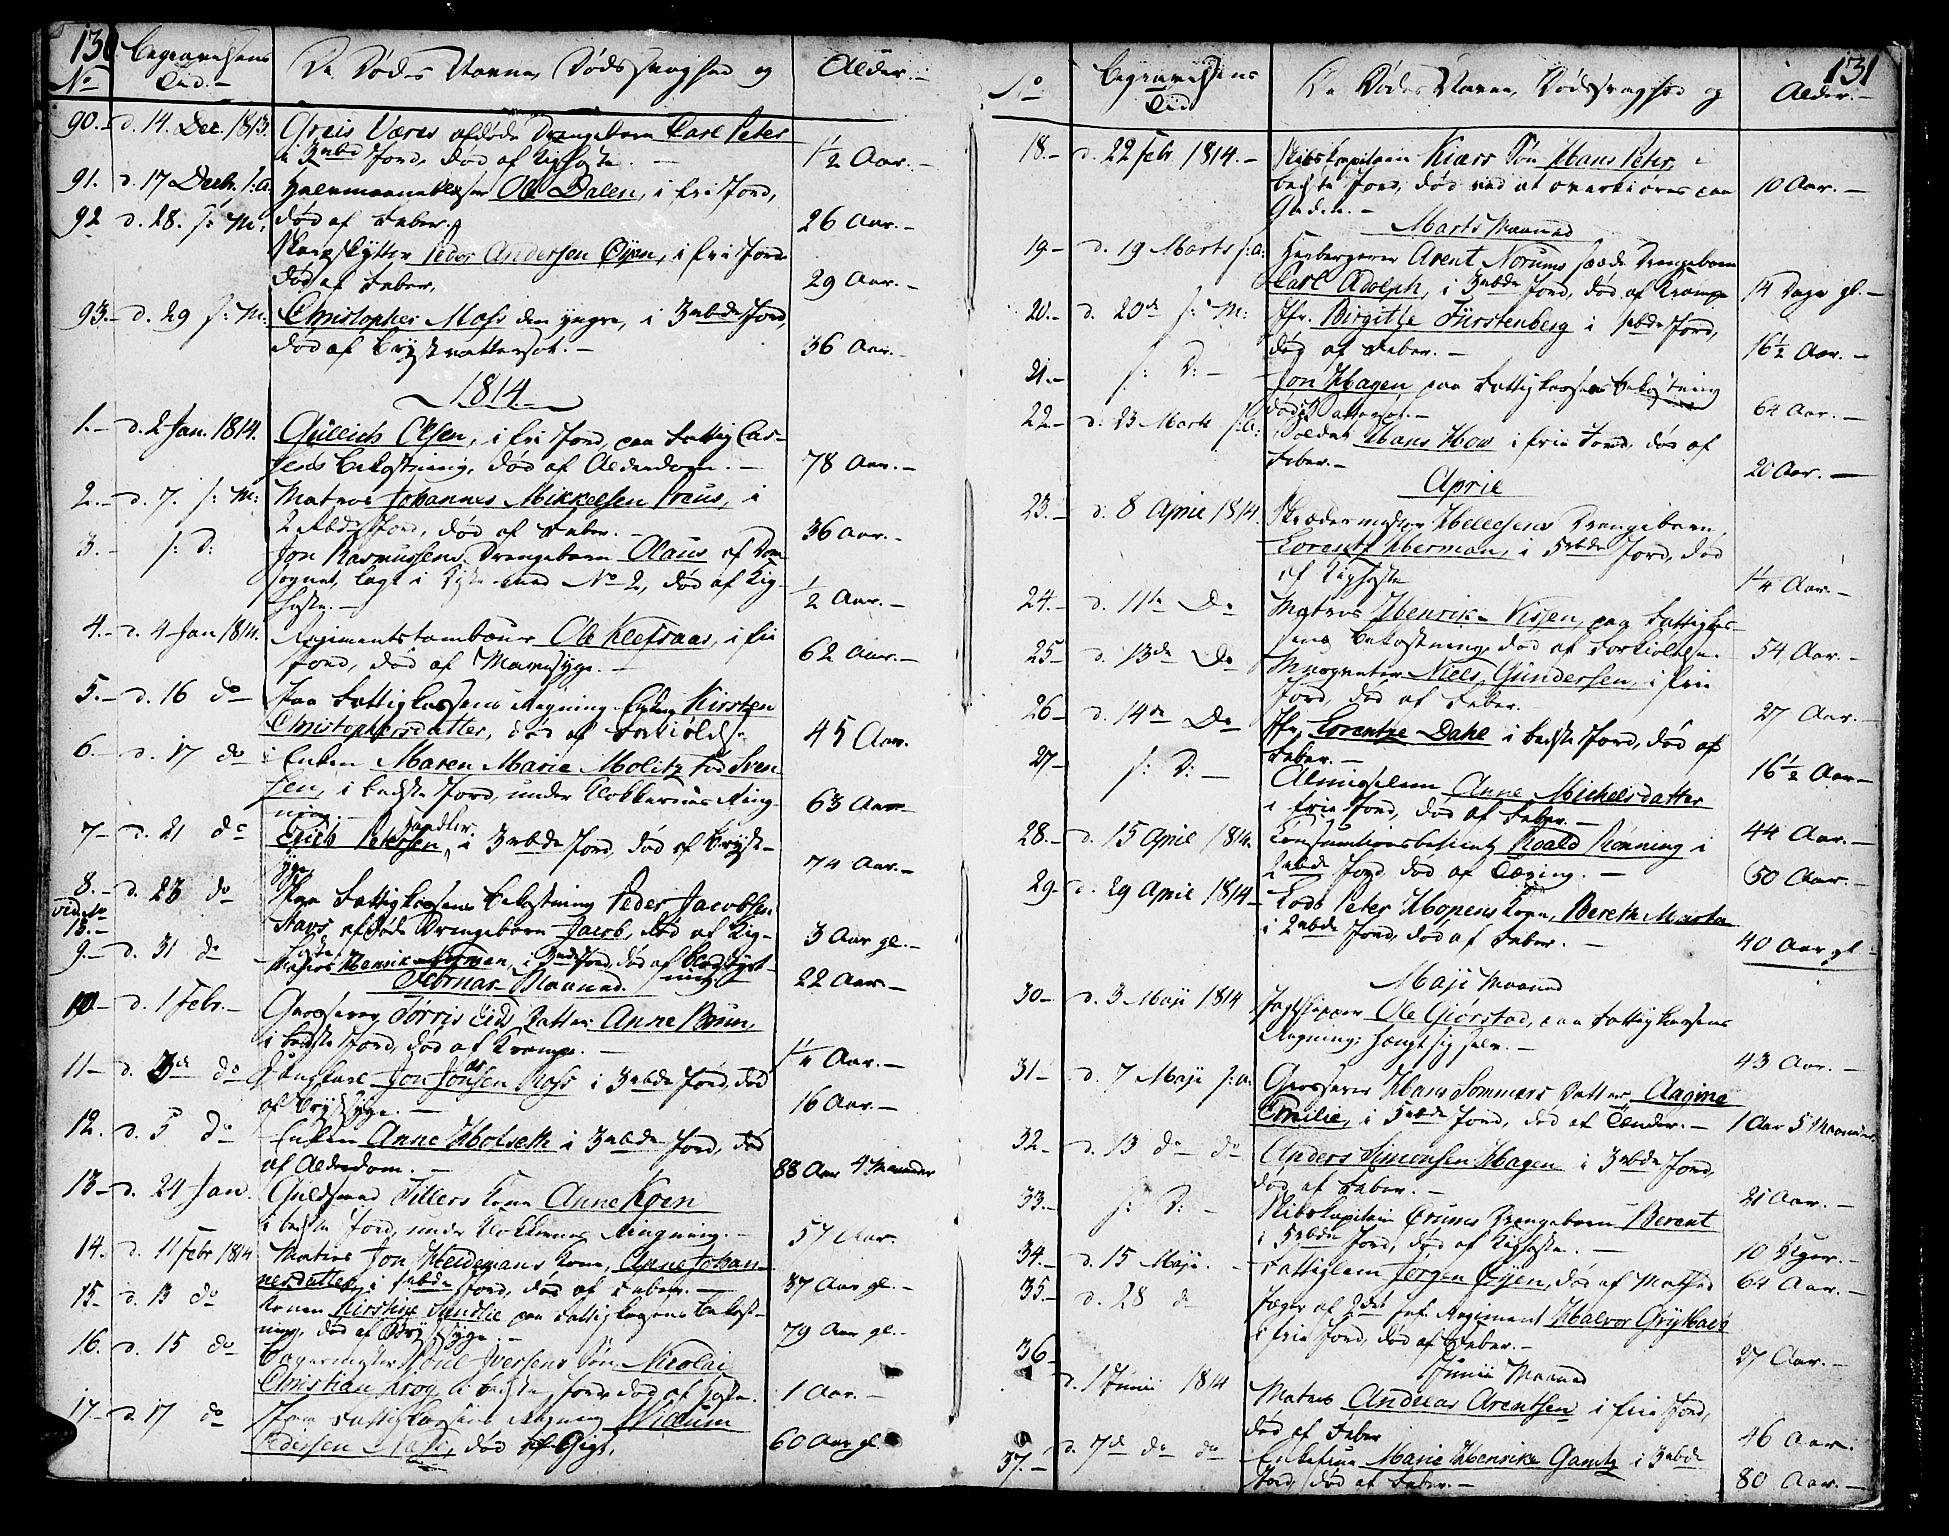 SAT, Ministerialprotokoller, klokkerbøker og fødselsregistre - Sør-Trøndelag, 602/L0106: Ministerialbok nr. 602A04, 1774-1814, s. 130-131